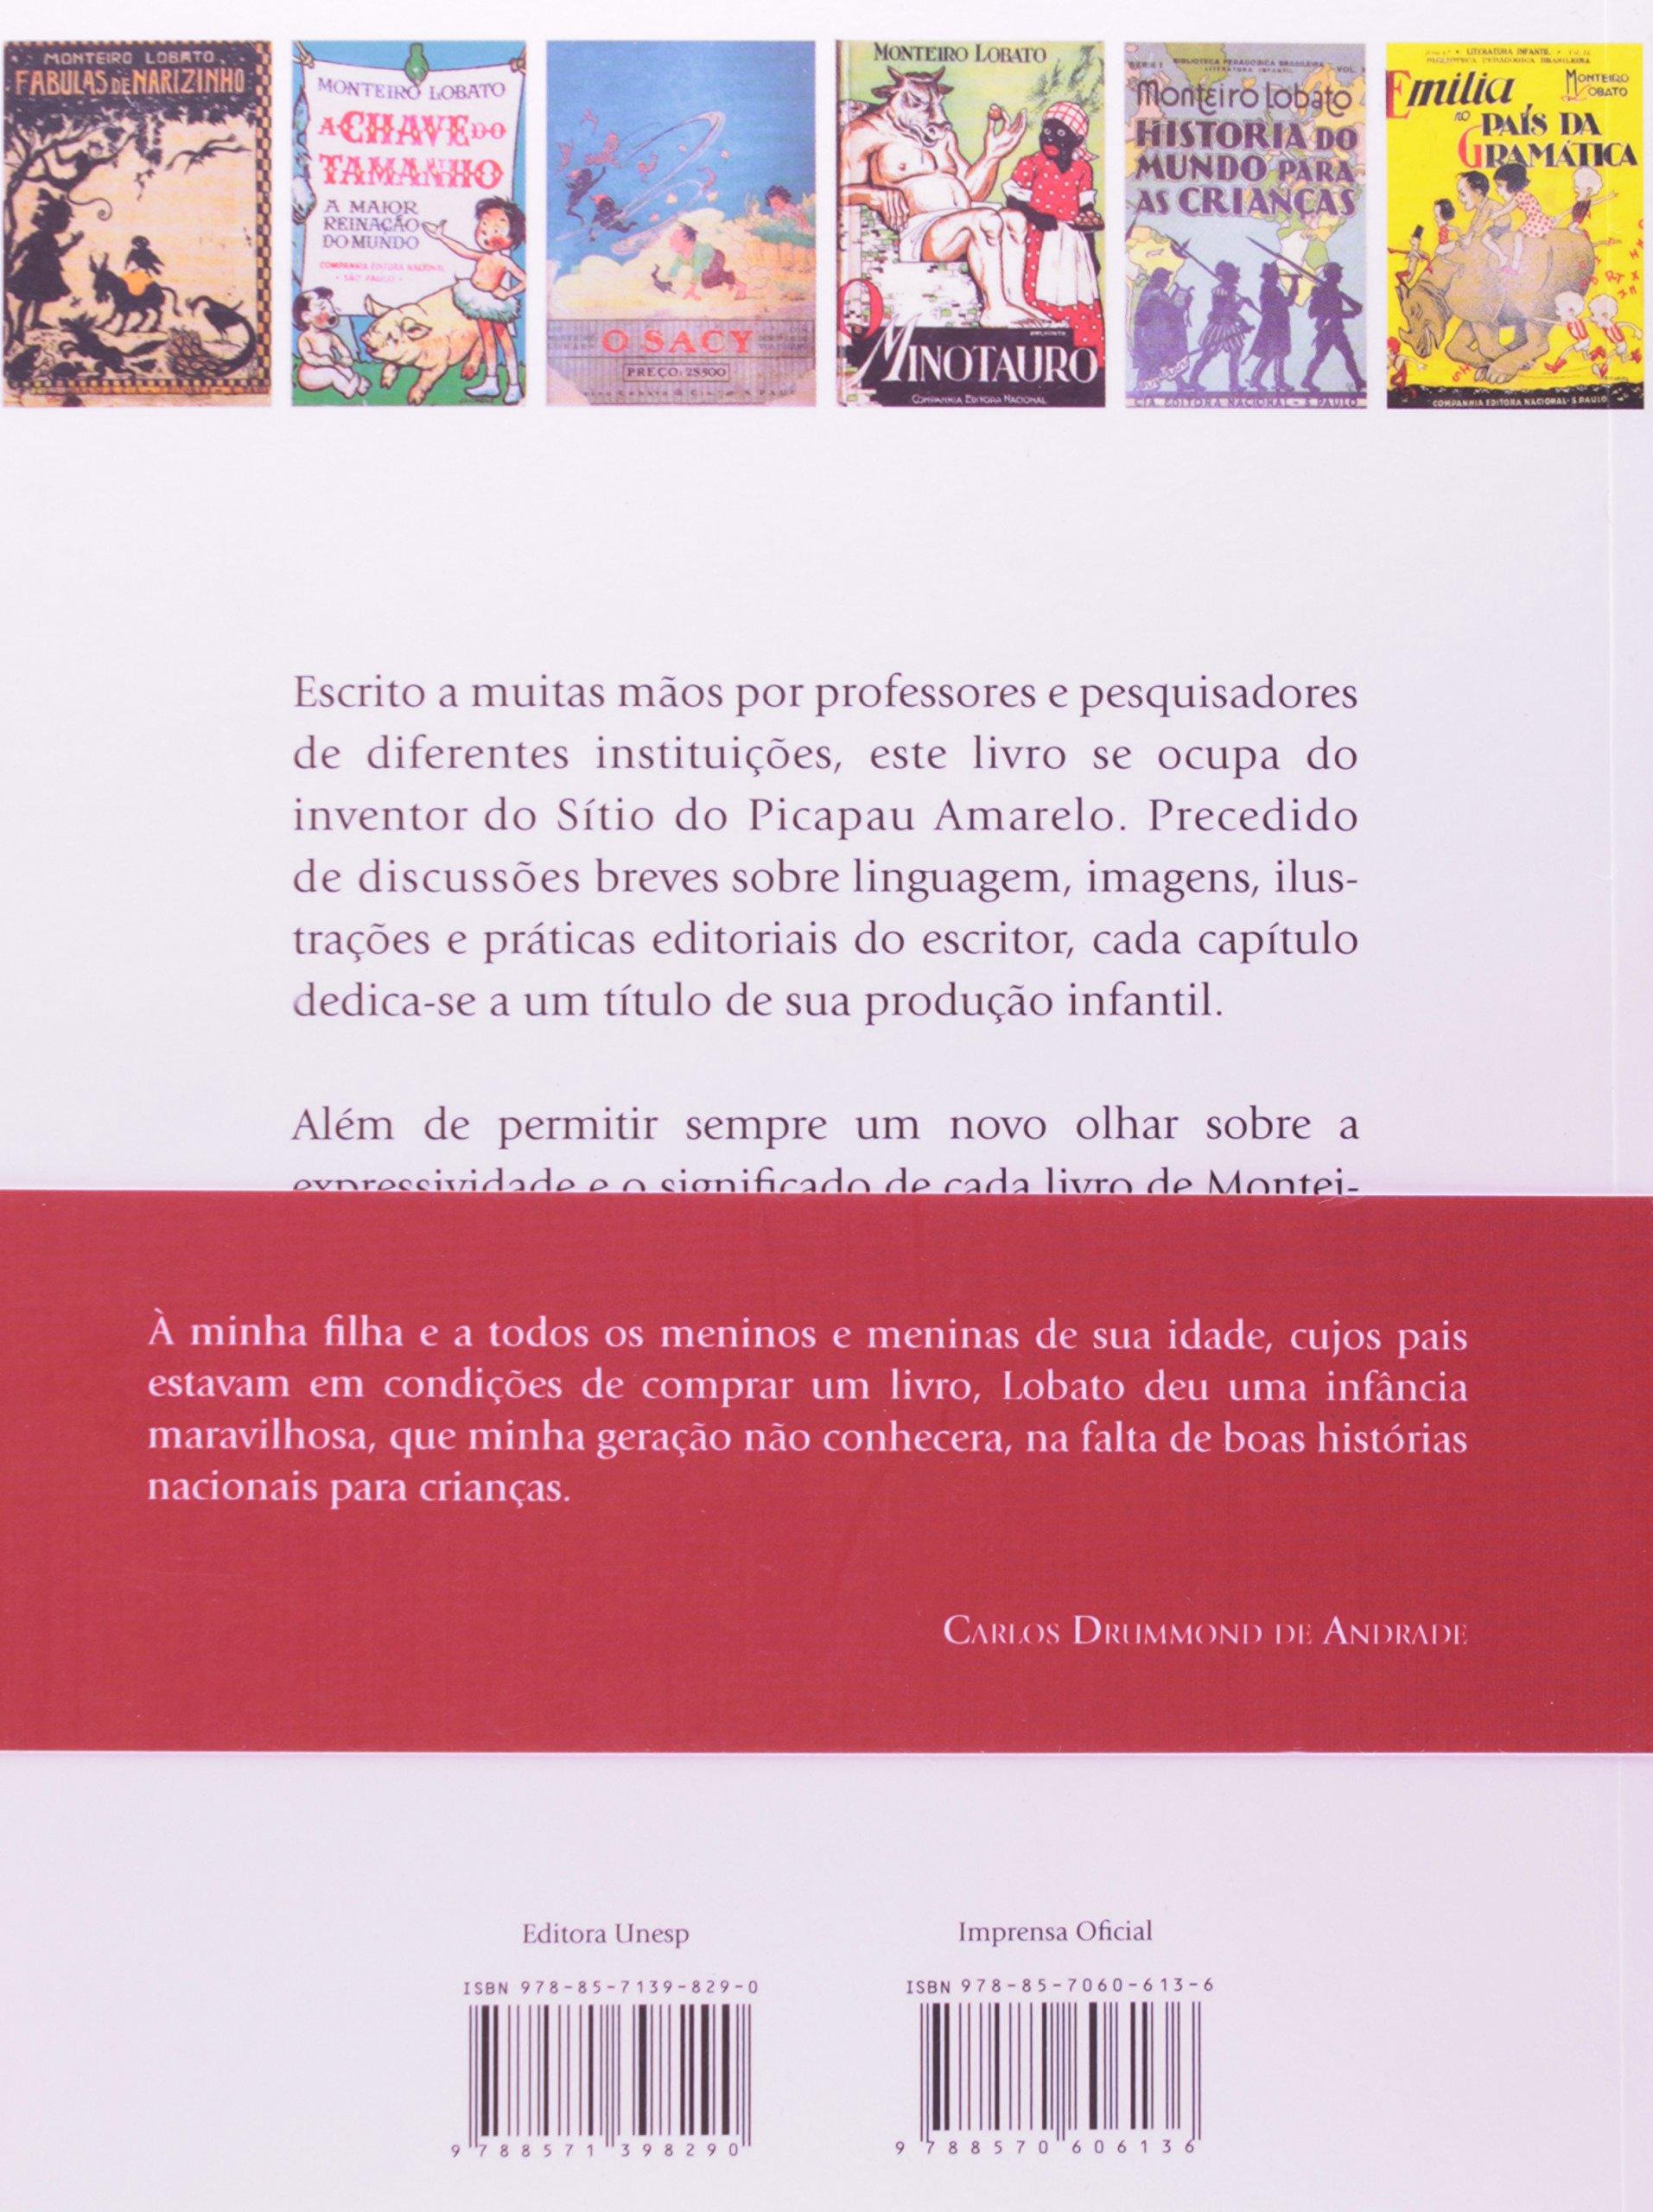 Monteiro Lobato, Livro a Livro (Em Portuguese do Brasil): Marisa Lajolo: 9788571398290: Amazon.com: Books